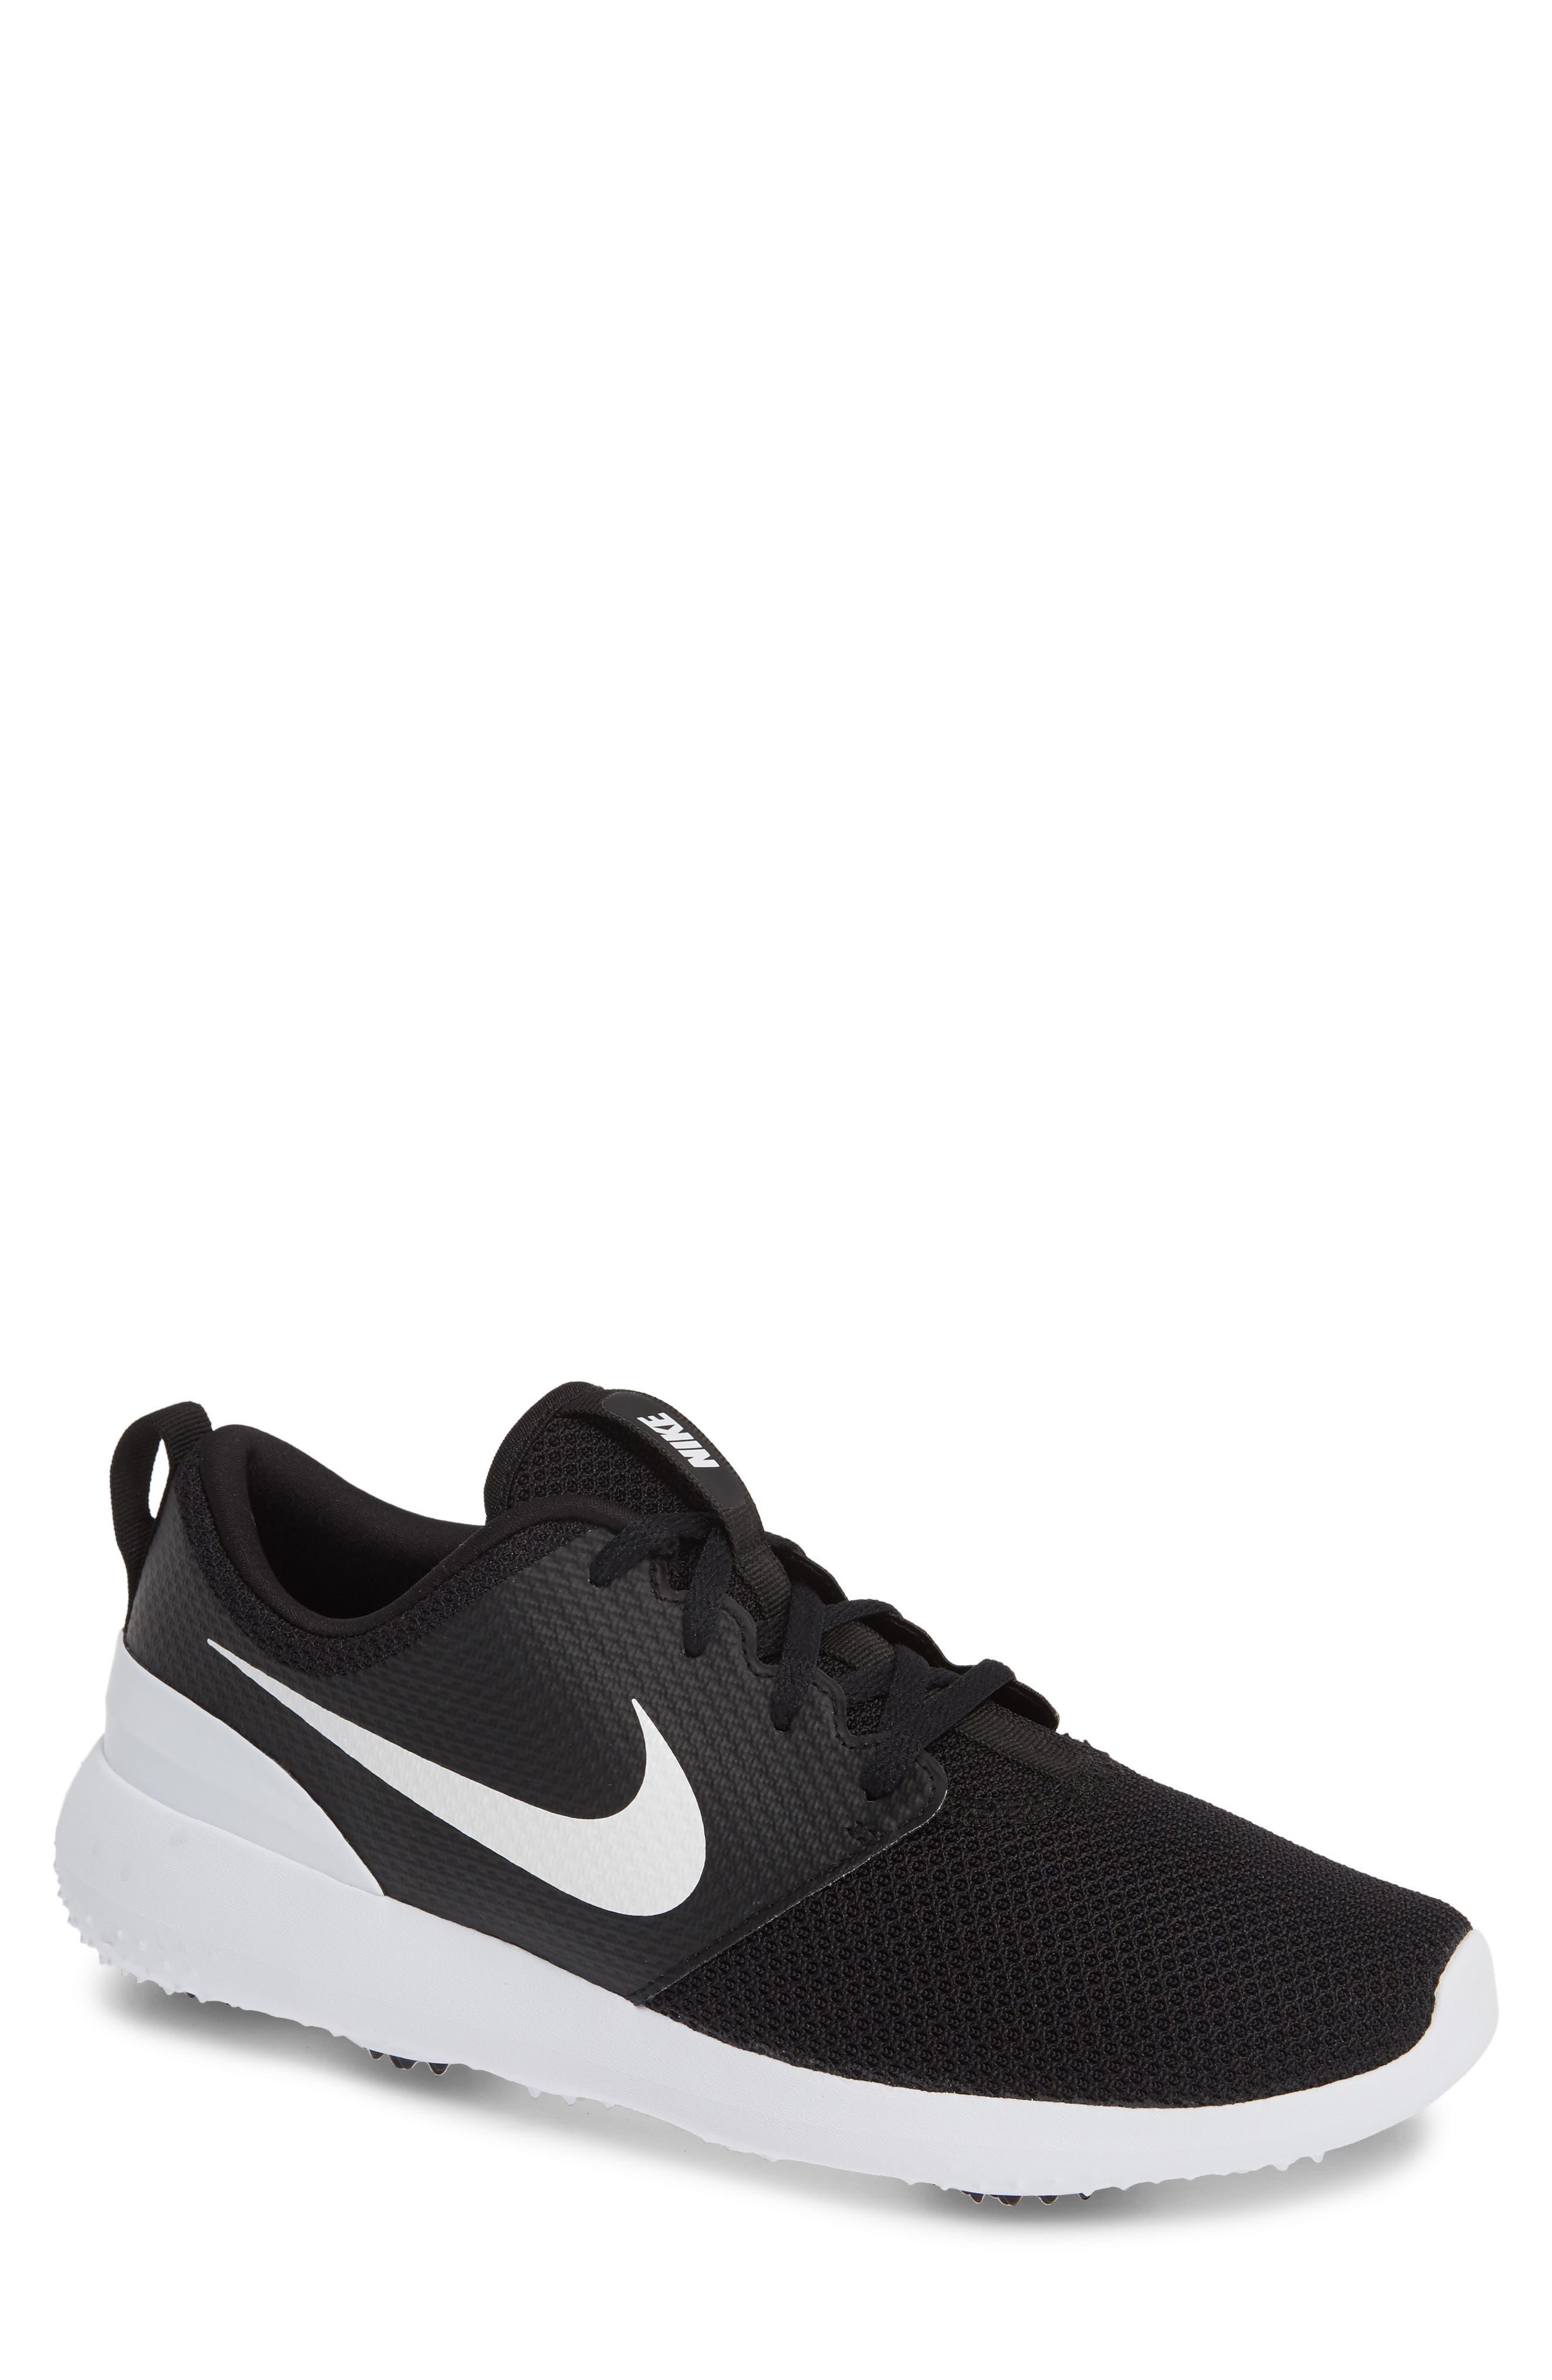 NIKE Roshe Golf Shoe, Main, color, BLACK/ WHITE